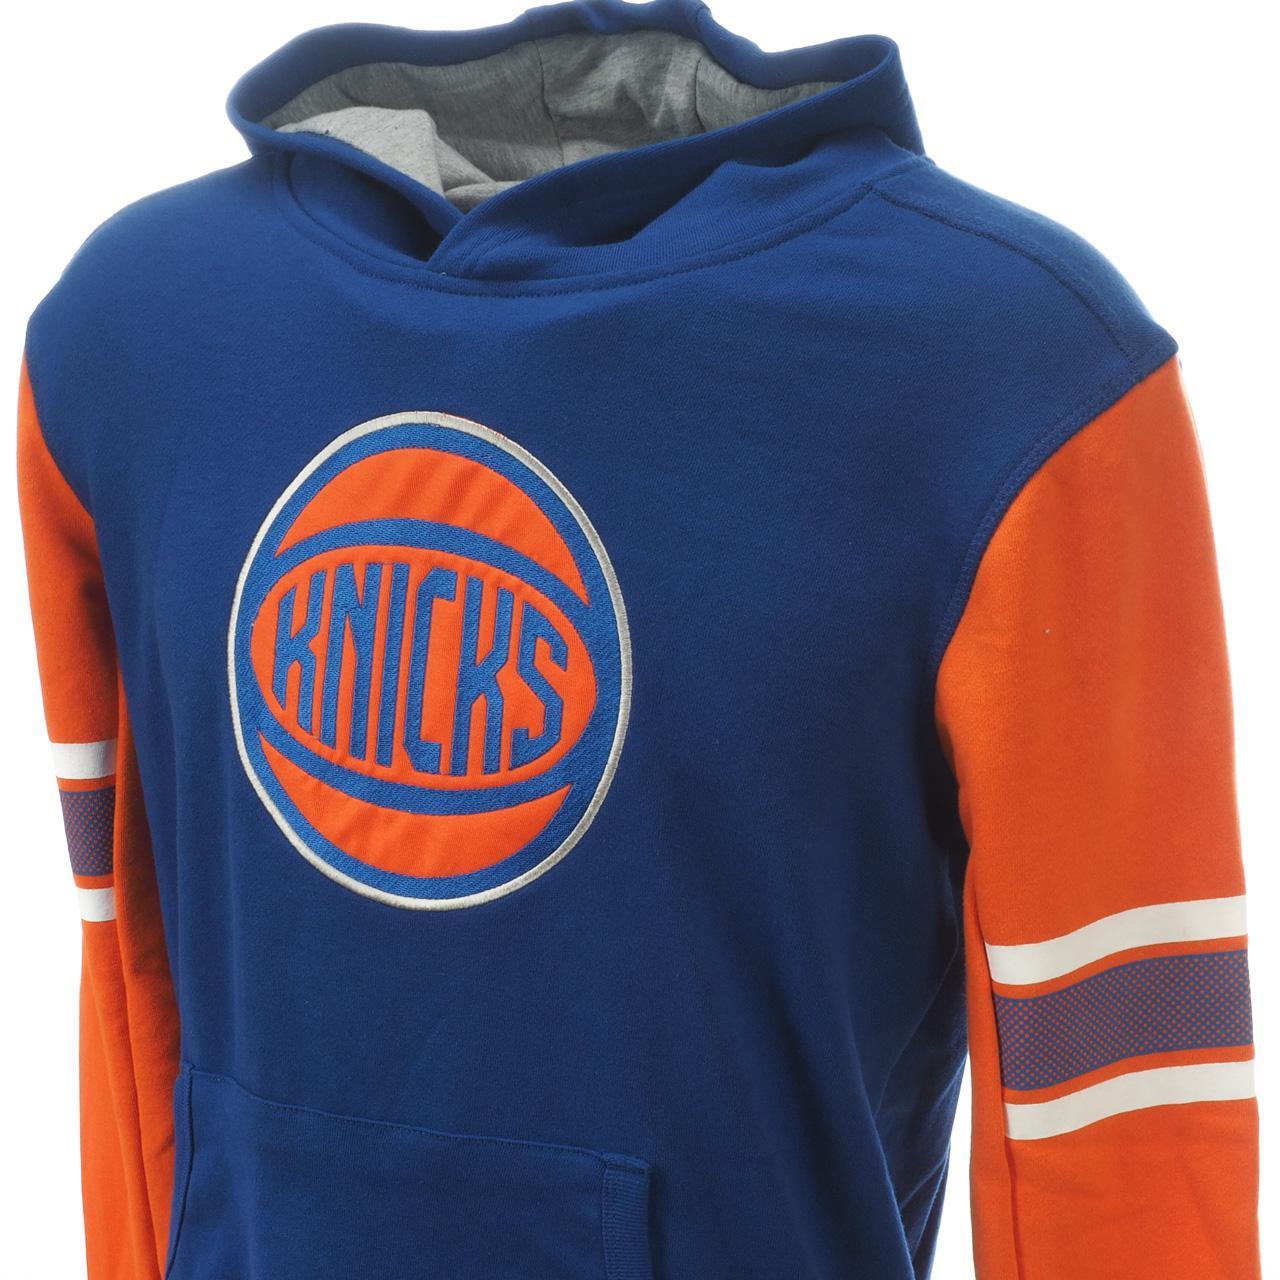 Sweatshirt-Kapuze-Kapuzenpulli-Outstuff-Knicks-Ny-Umhang-Okc-Blau-60529-Neu Indexbild 2